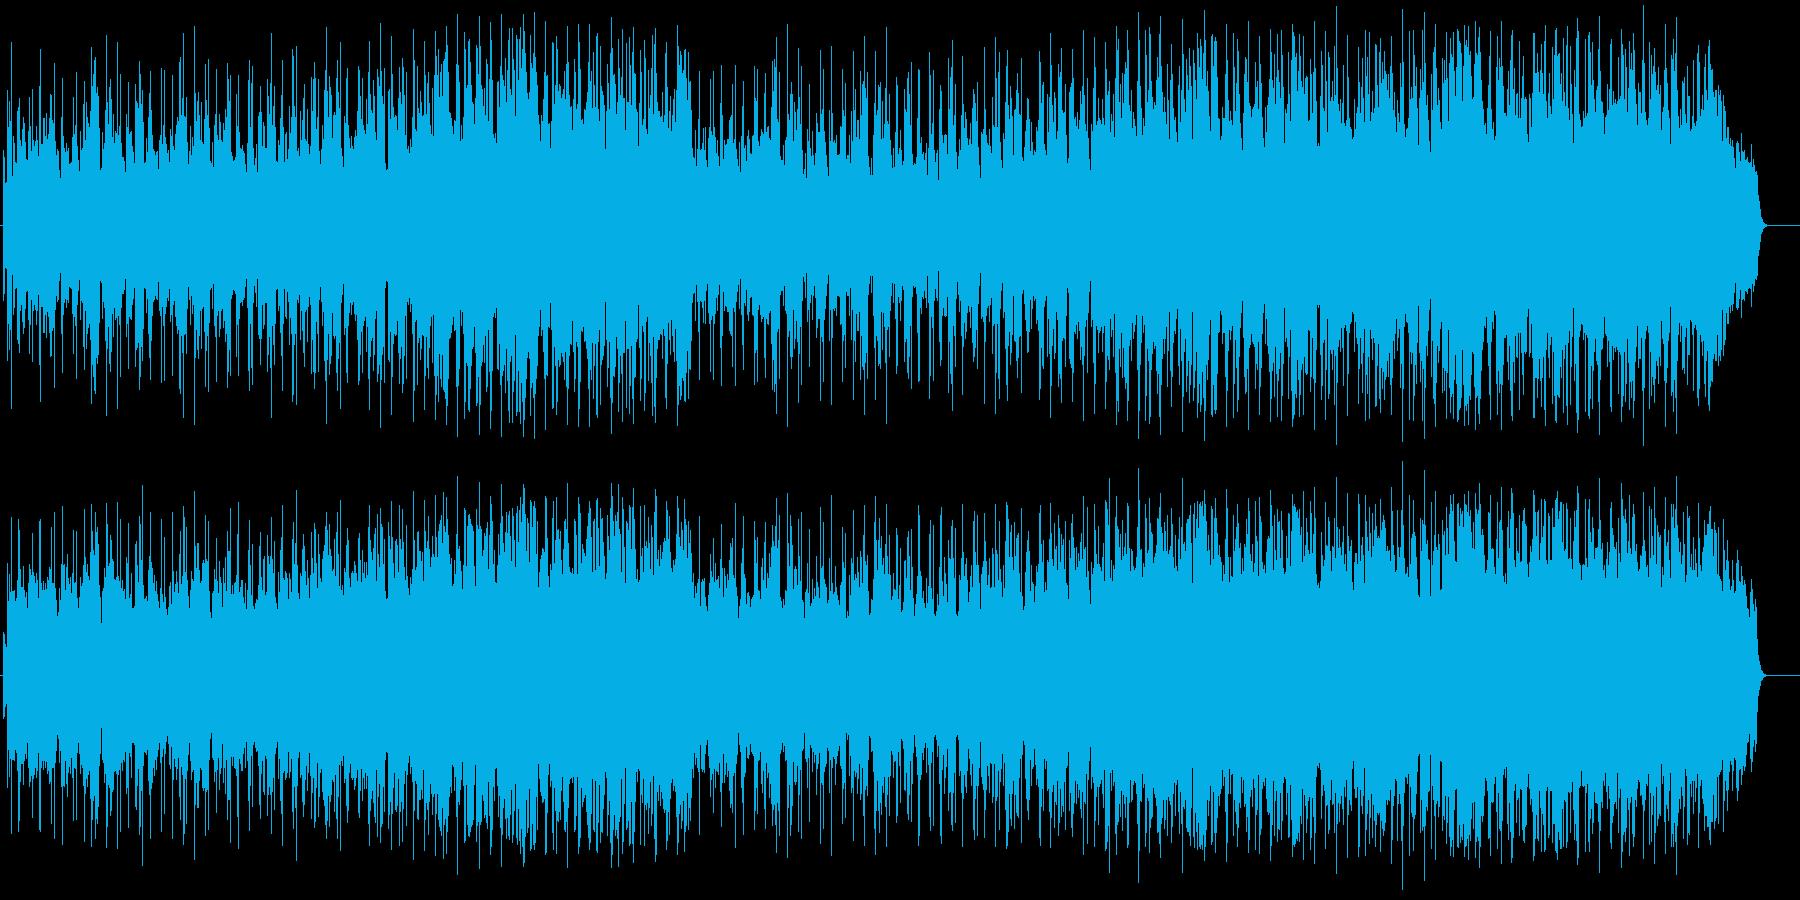 ムードのある大人のエレガントなジャズの再生済みの波形